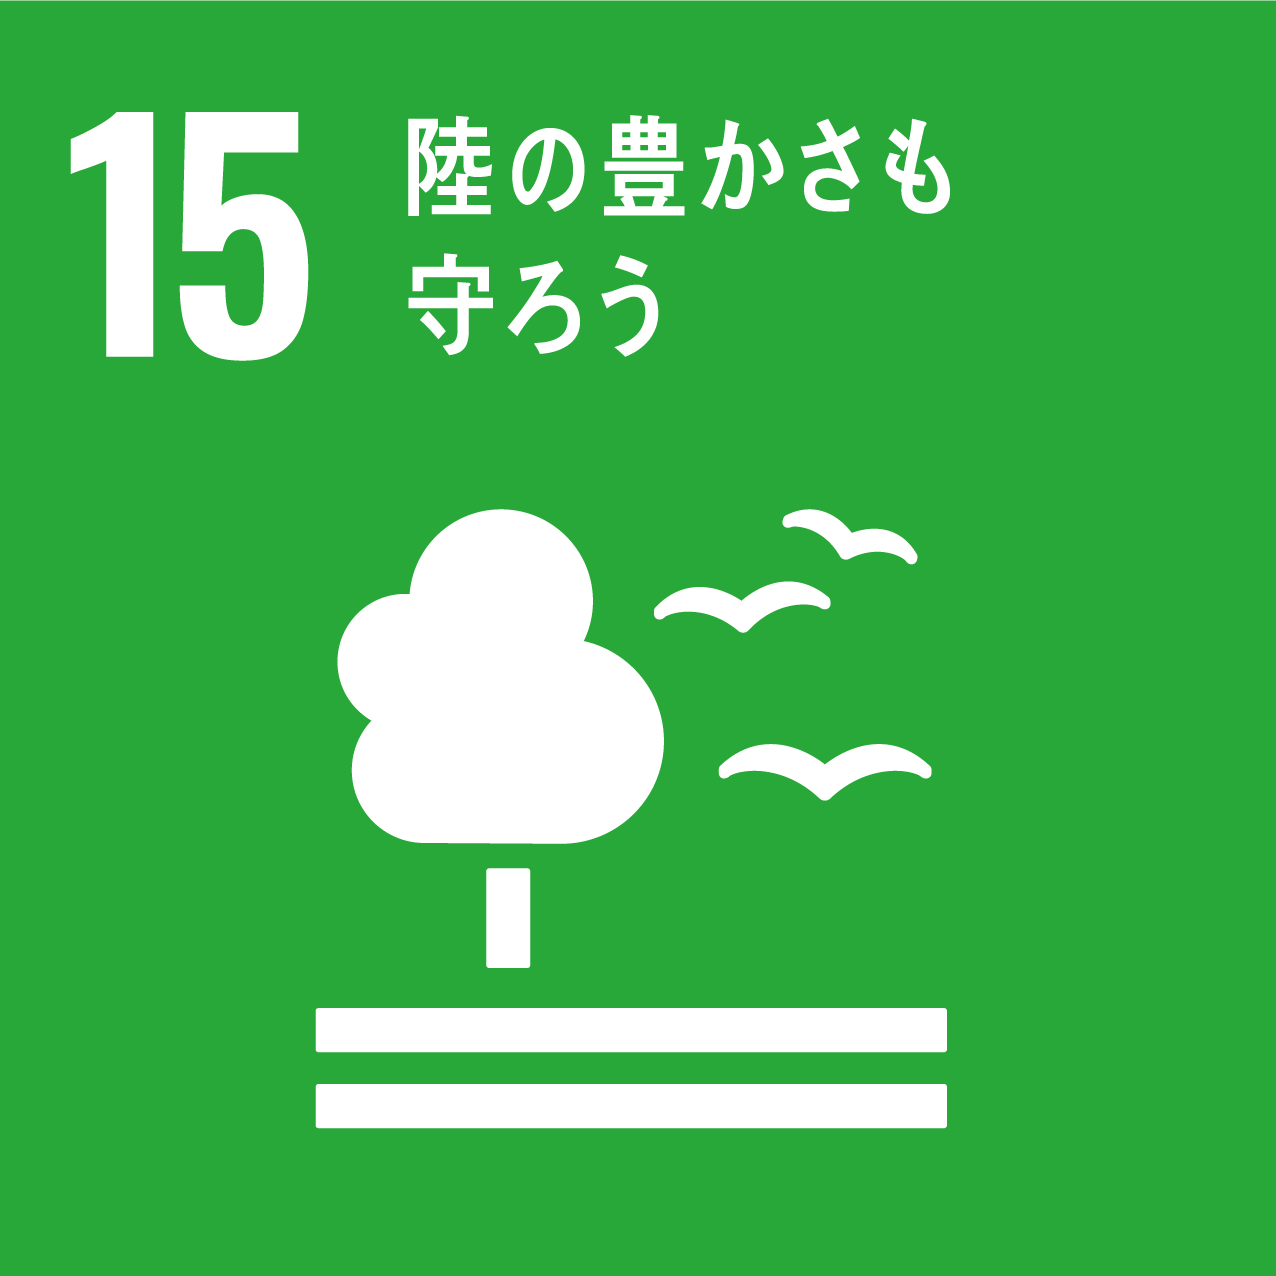 SDGs 15.陸の豊かさも守ろう